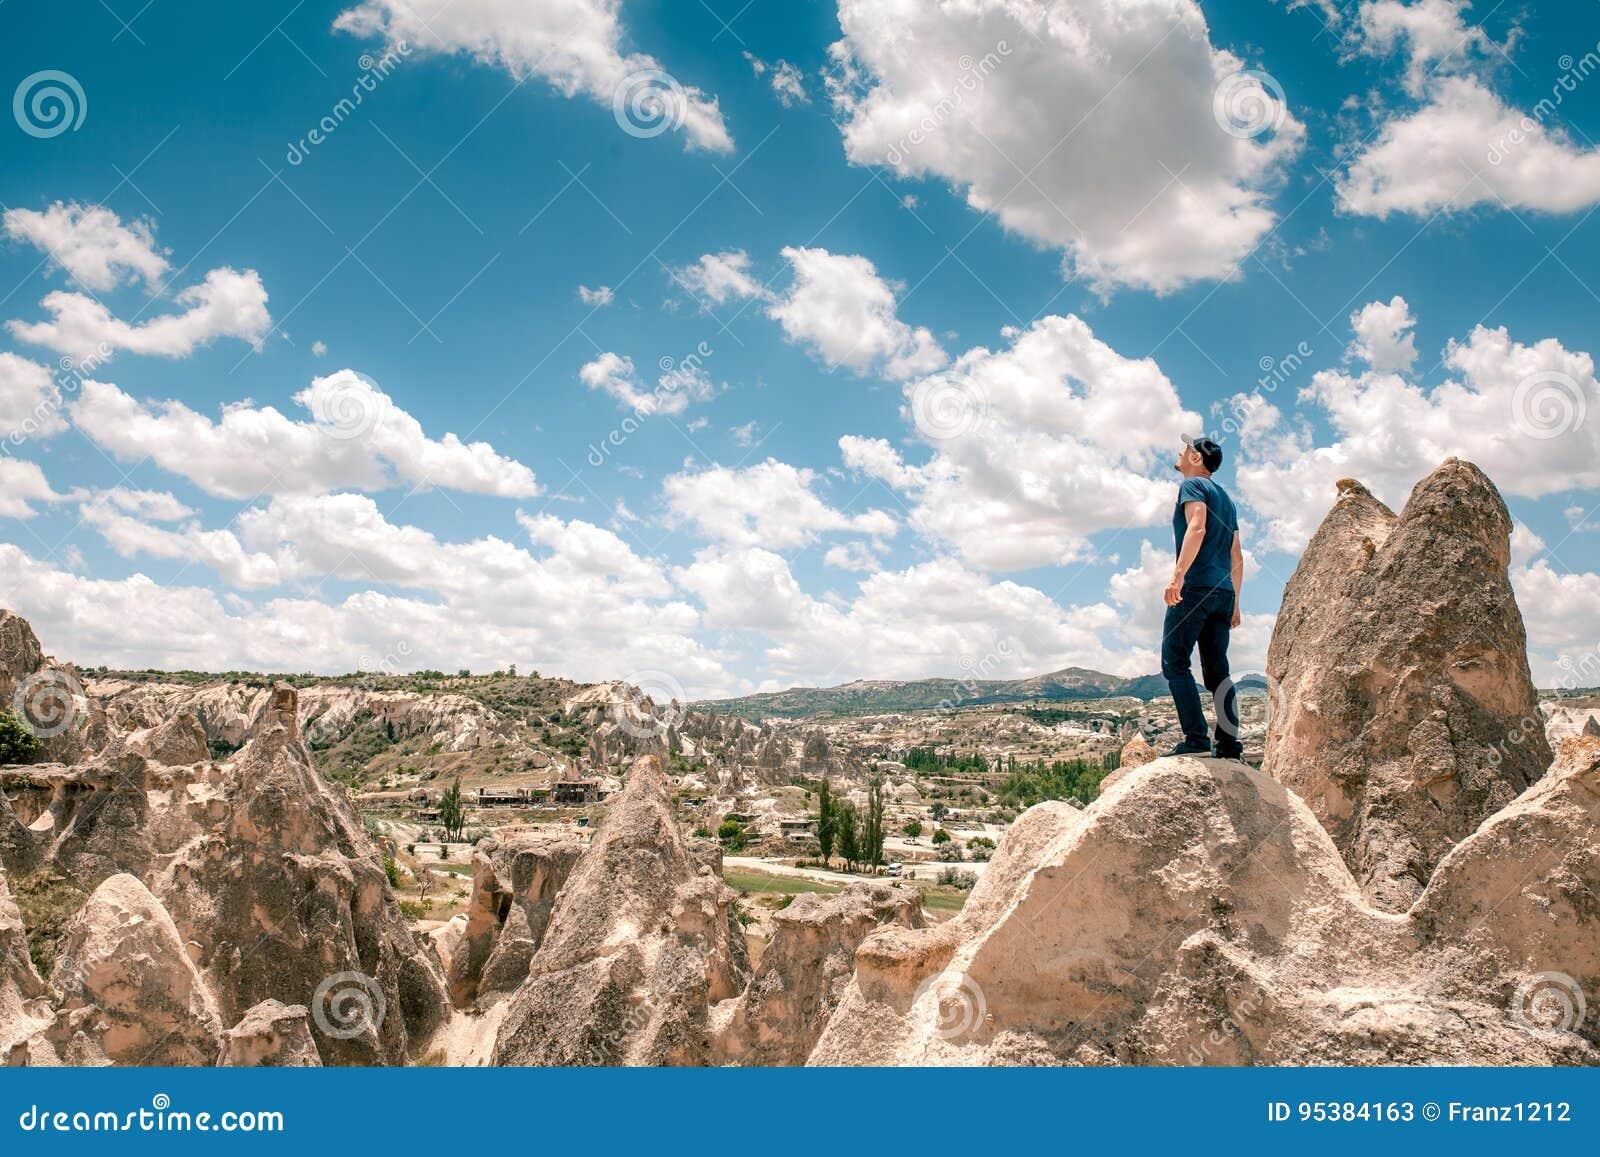 Un hombre en la cima de una colina en Cappadocia en Turquía mira para arriba a las nubes asombrosas Viaje, éxito, libertad, logro